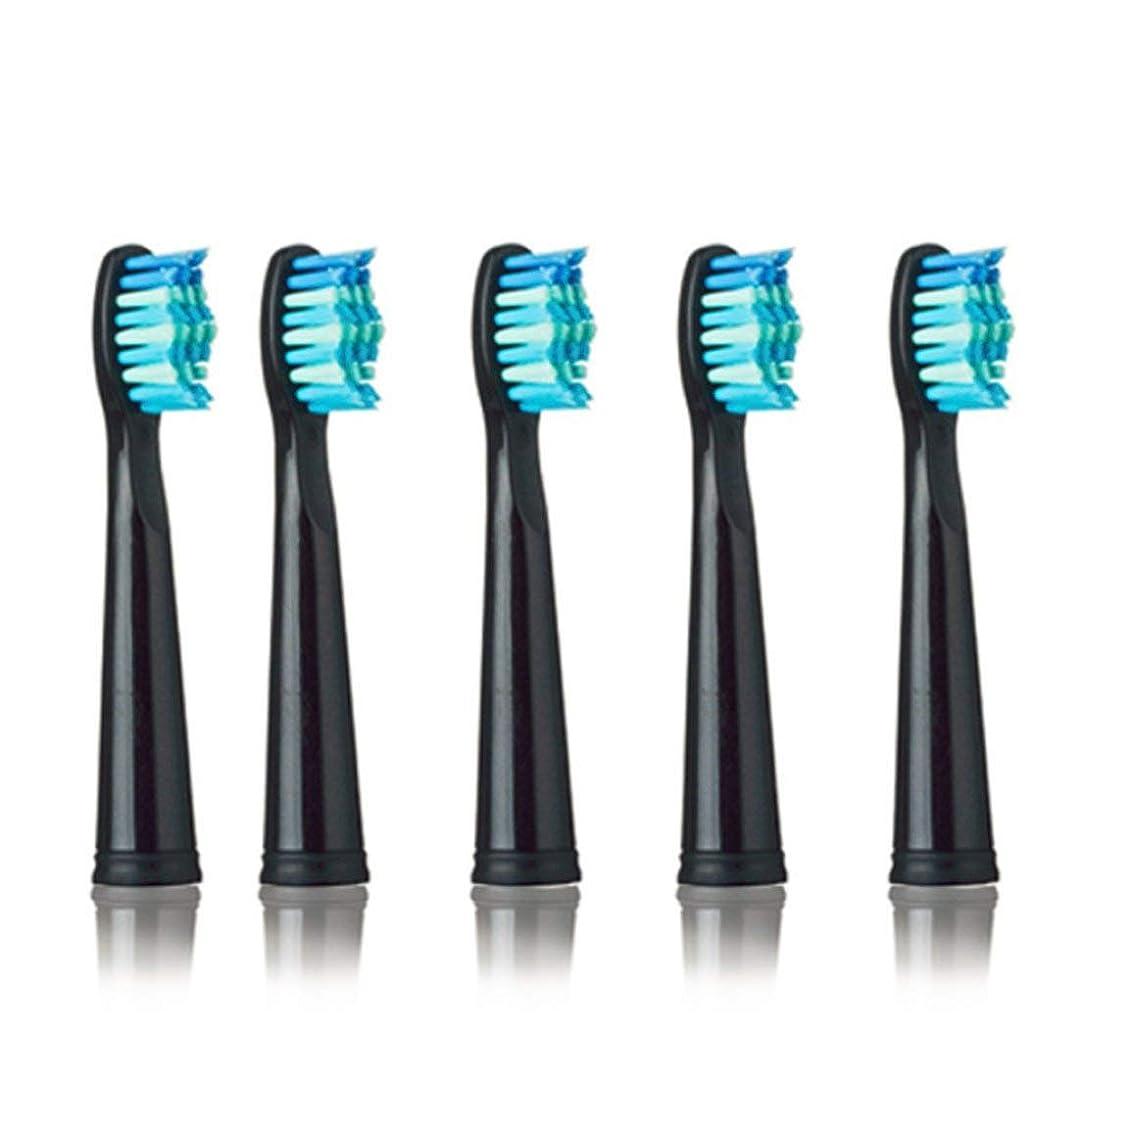 占めるすぐに爆発SEAGO 949/507/610/659用電動歯ブラシヘッド抗菌自動歯ブラシヘッド電動歯ブラシ - ブラック